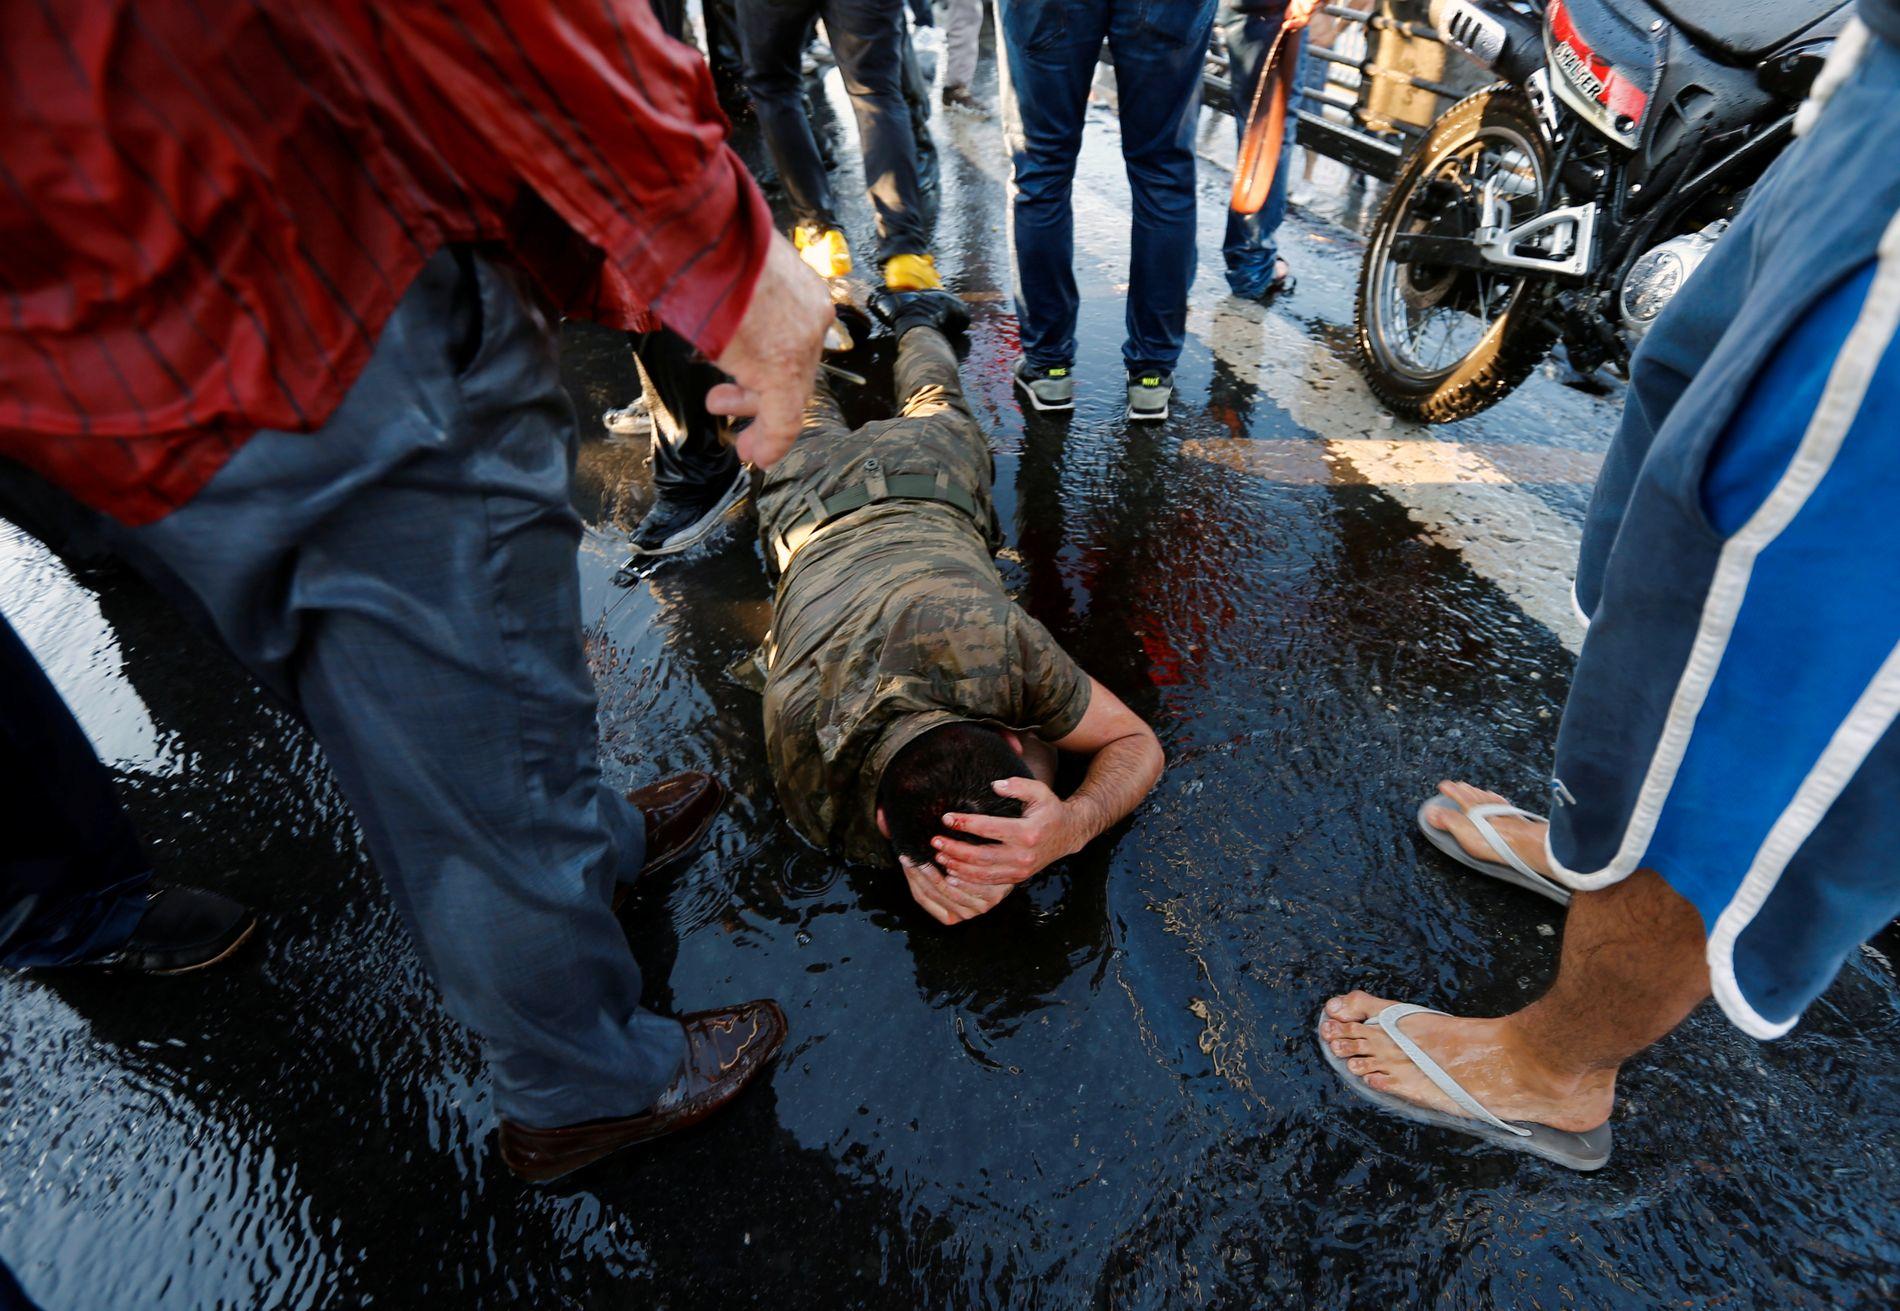 BANKET OPP: En av soldatene som deltok i det mislykkede kuppforsøket prøver å beskytte seg selv etter å ha overgitt seg.